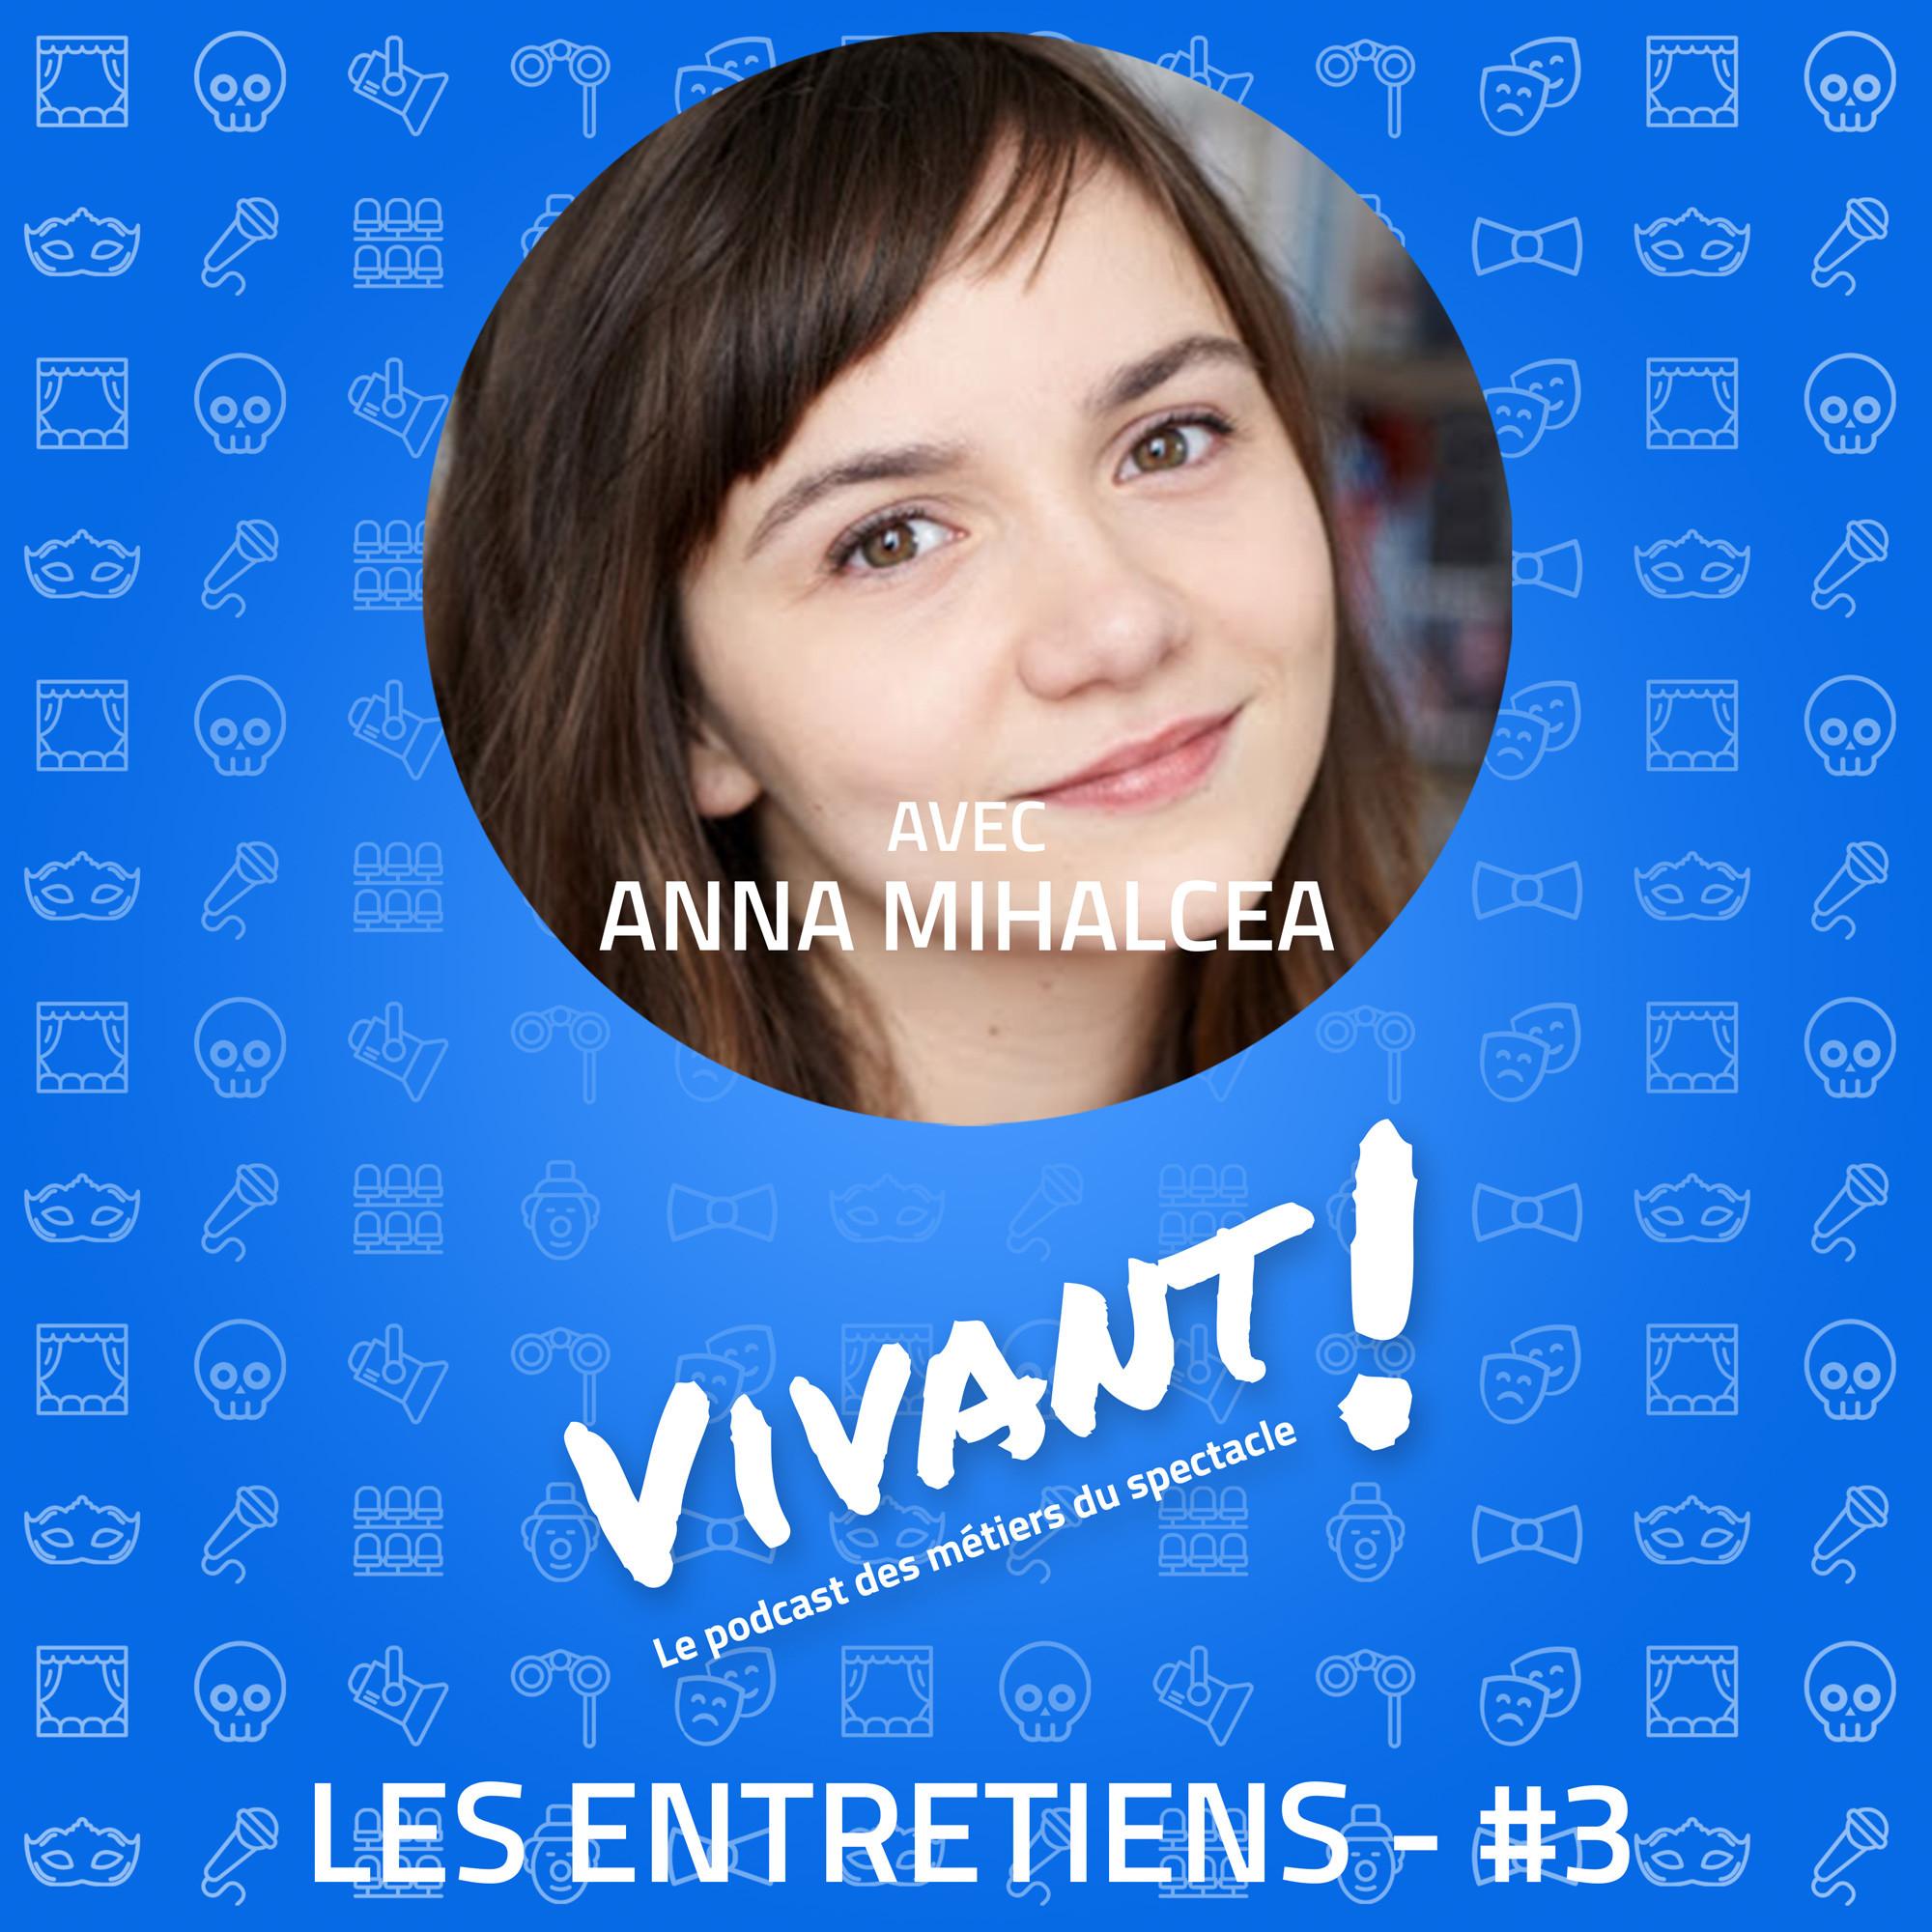 Entretien #3 - Ana Mihalcea